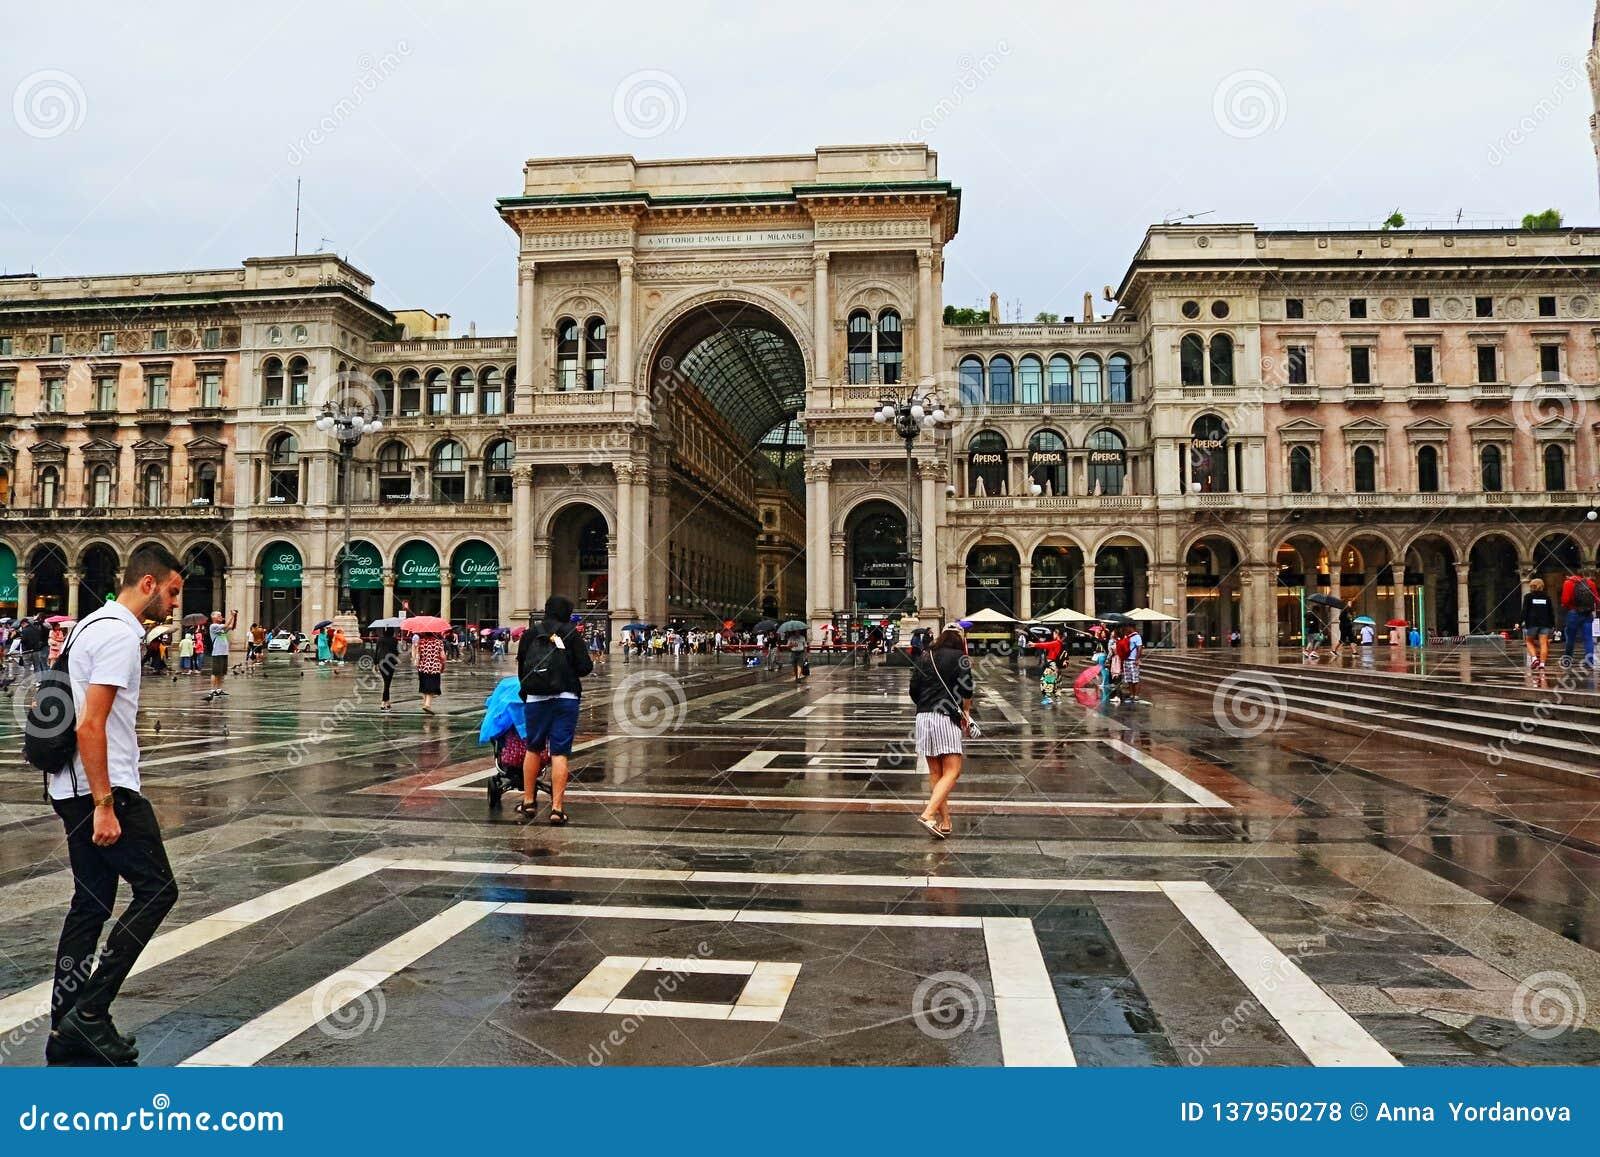 Piazza del Duomo de historische van de meningsmilaan van de centrum regenachtige dag stad Italië